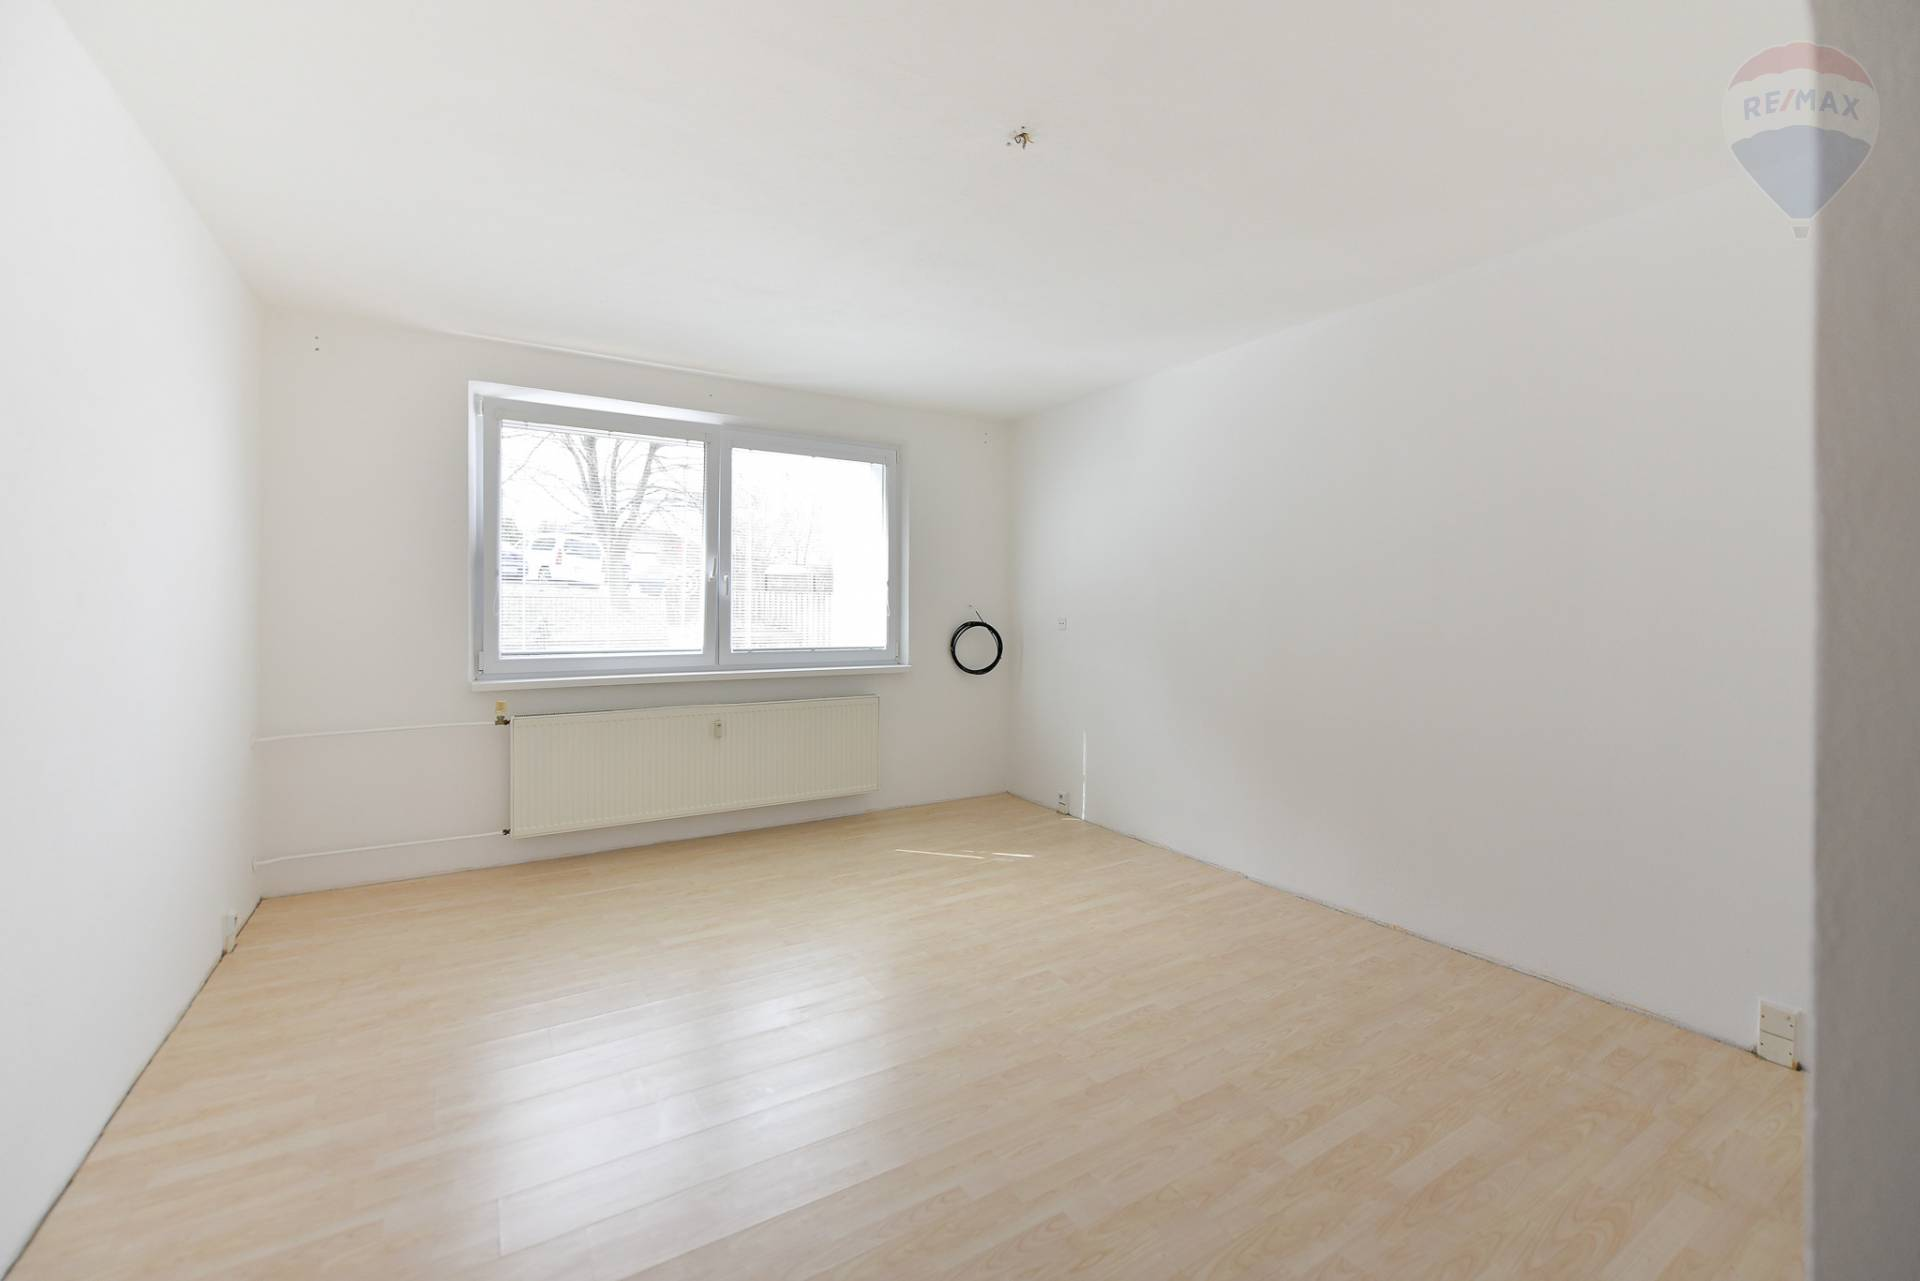 Predaj bytu (3 izbový) 70 m2, Nitra - Predaj bytu 3+1, 70m2, ul. Murániho, Nitra